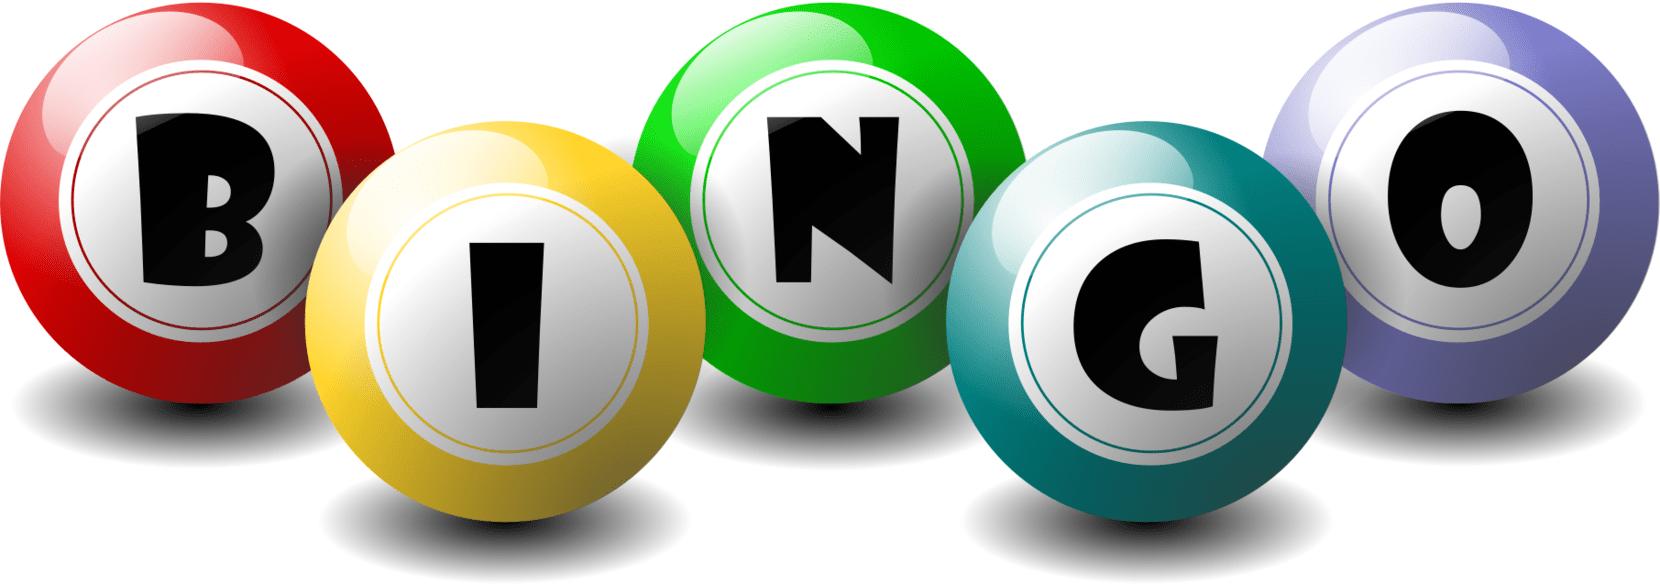 Bingo Loans Loan Review...